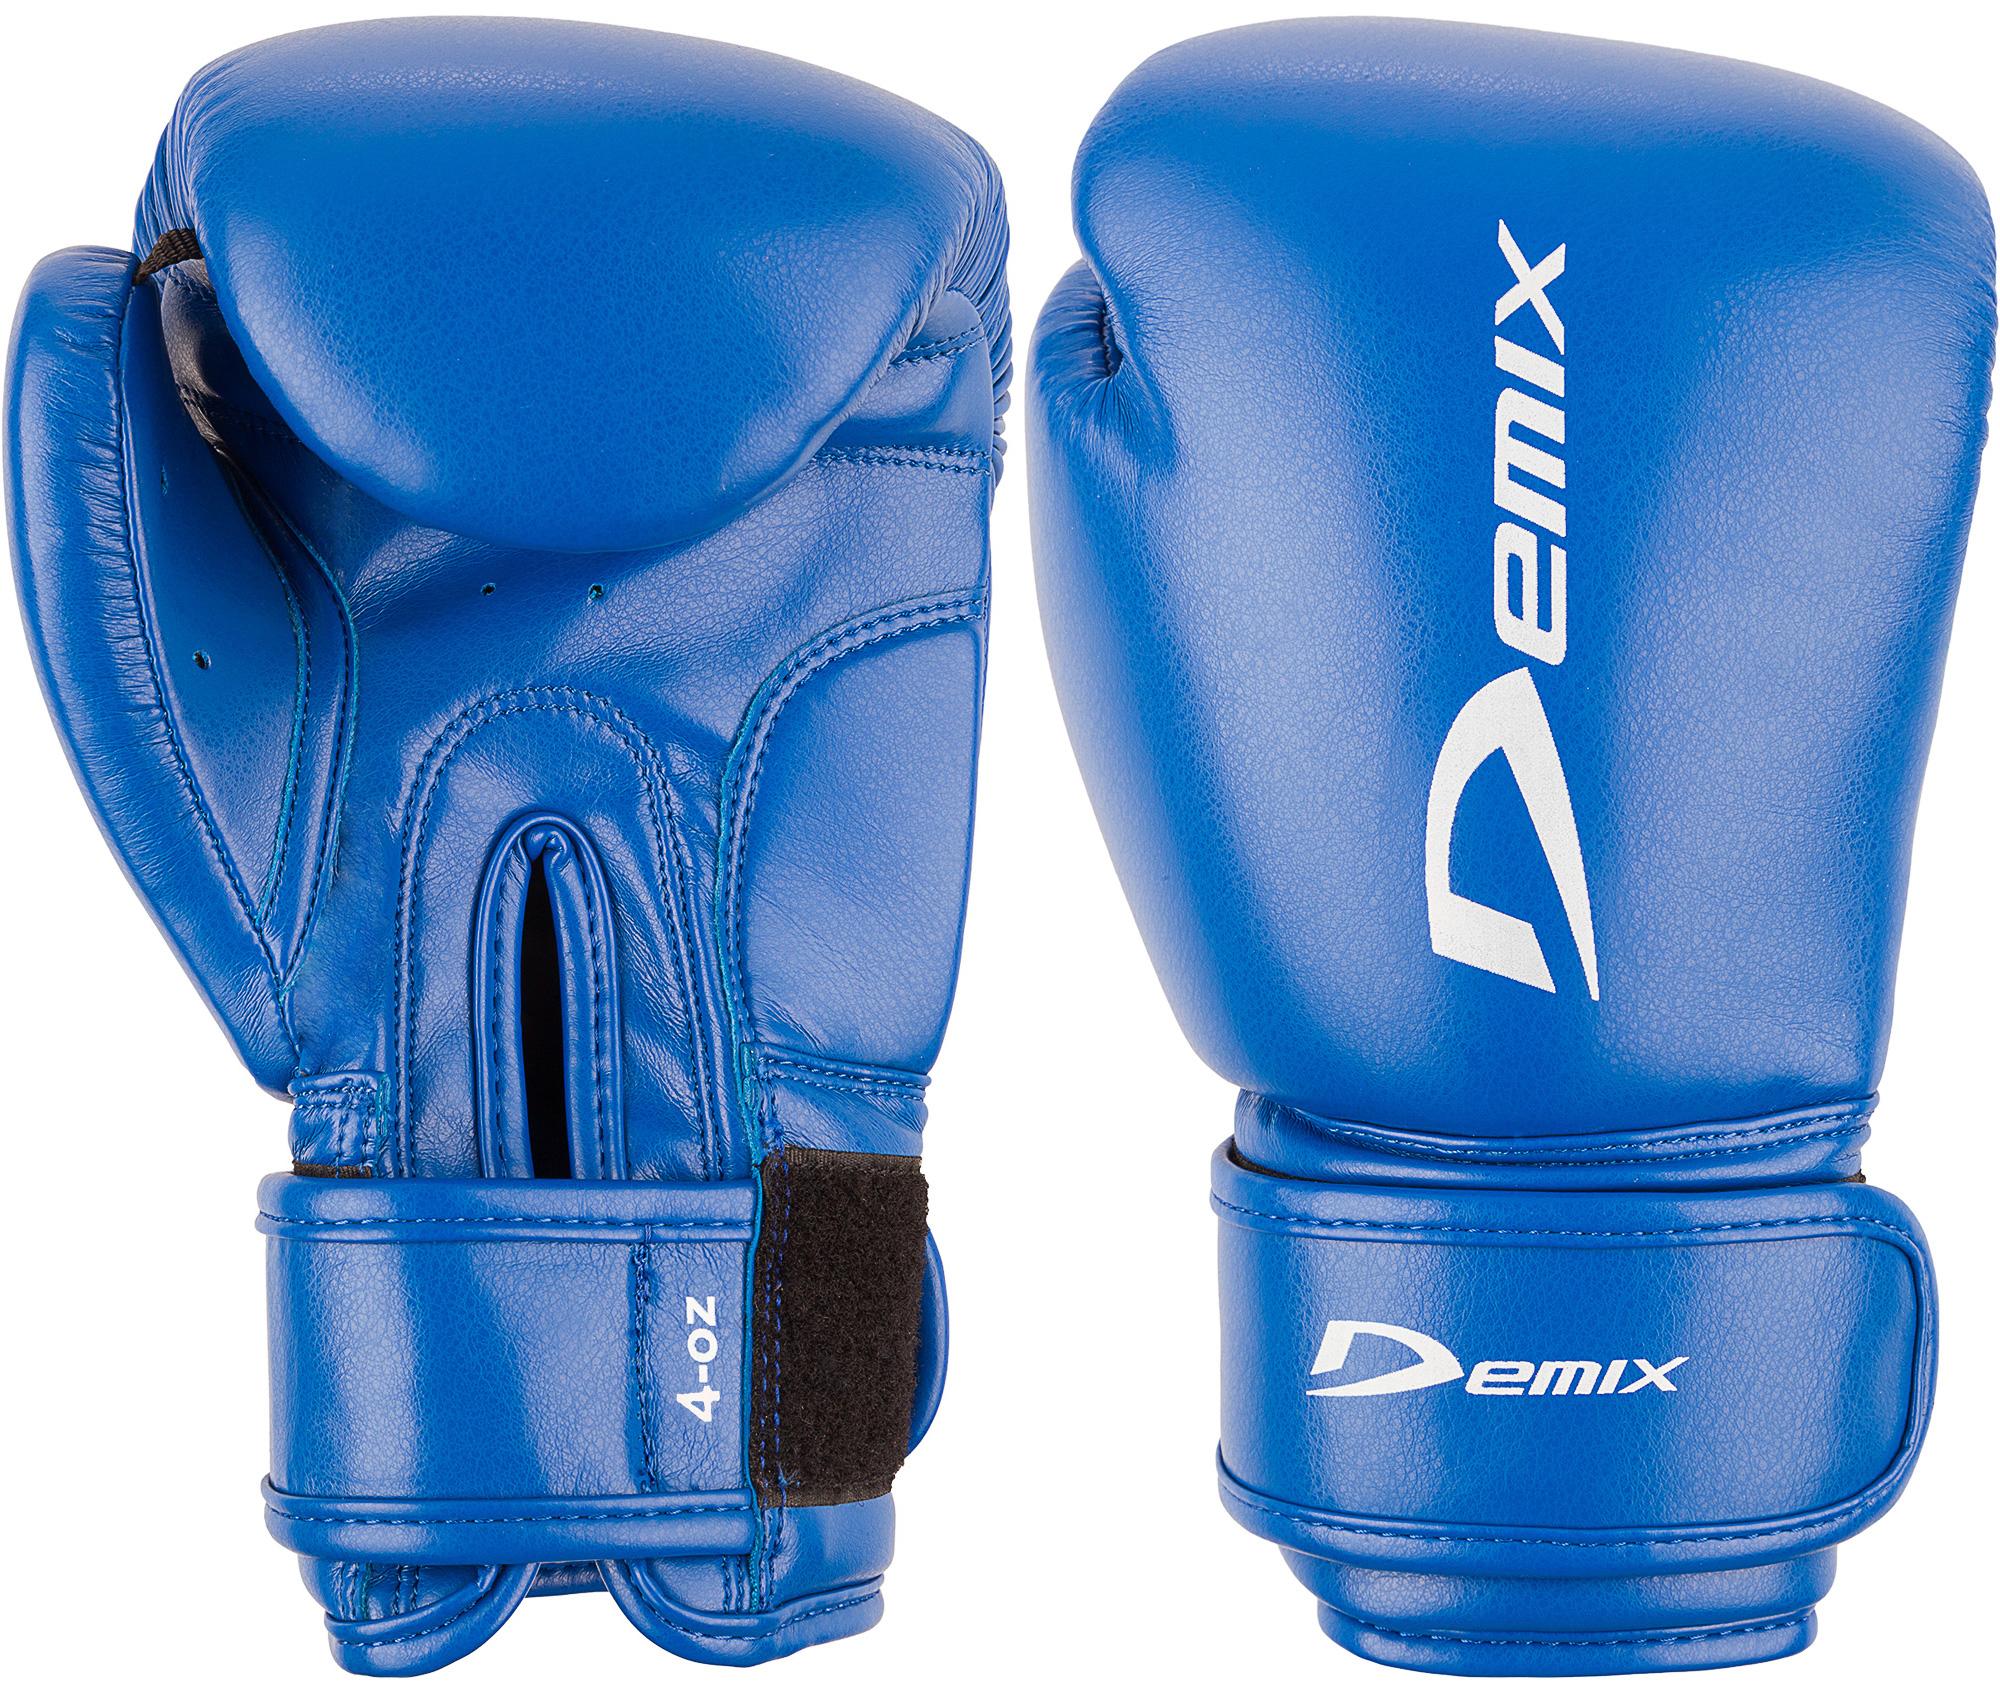 Demix Перчатки боксерские детские Demix боксерские перчатки в магазинах москвы